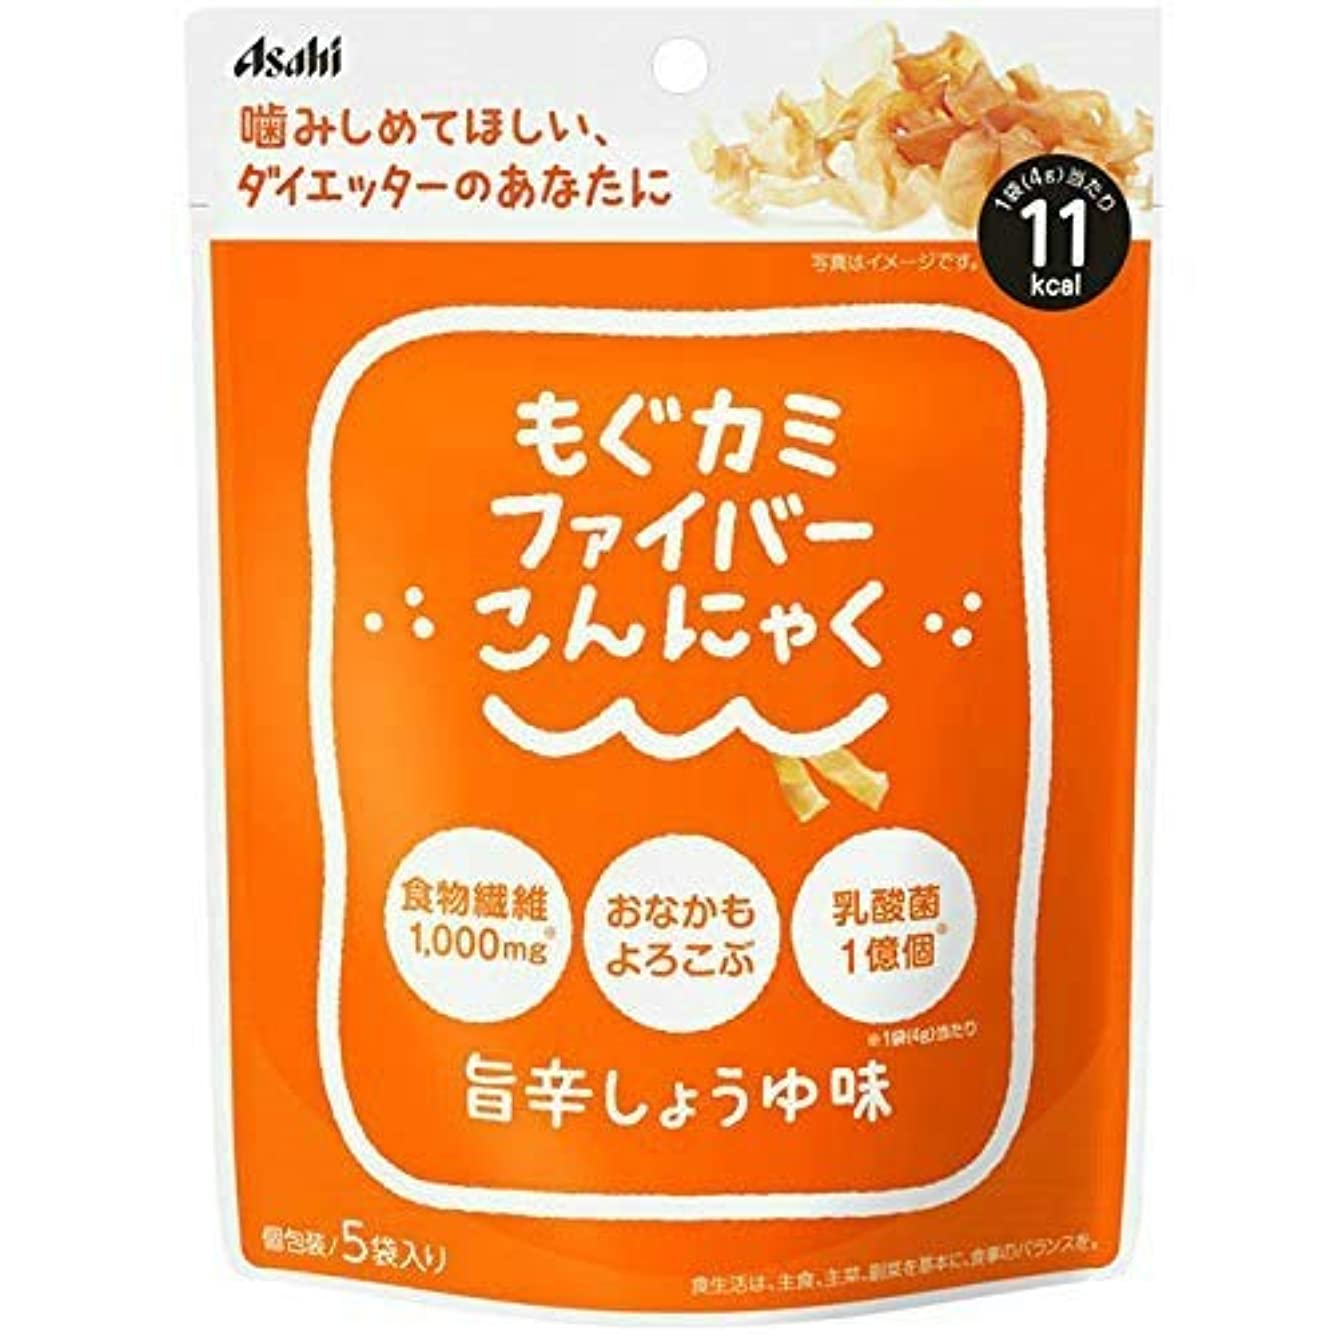 クーポンサイトライン艶◆アサヒグループ食品 もぐカミファイバーこんにゃく 旨辛しょうゆ味 4g×5袋